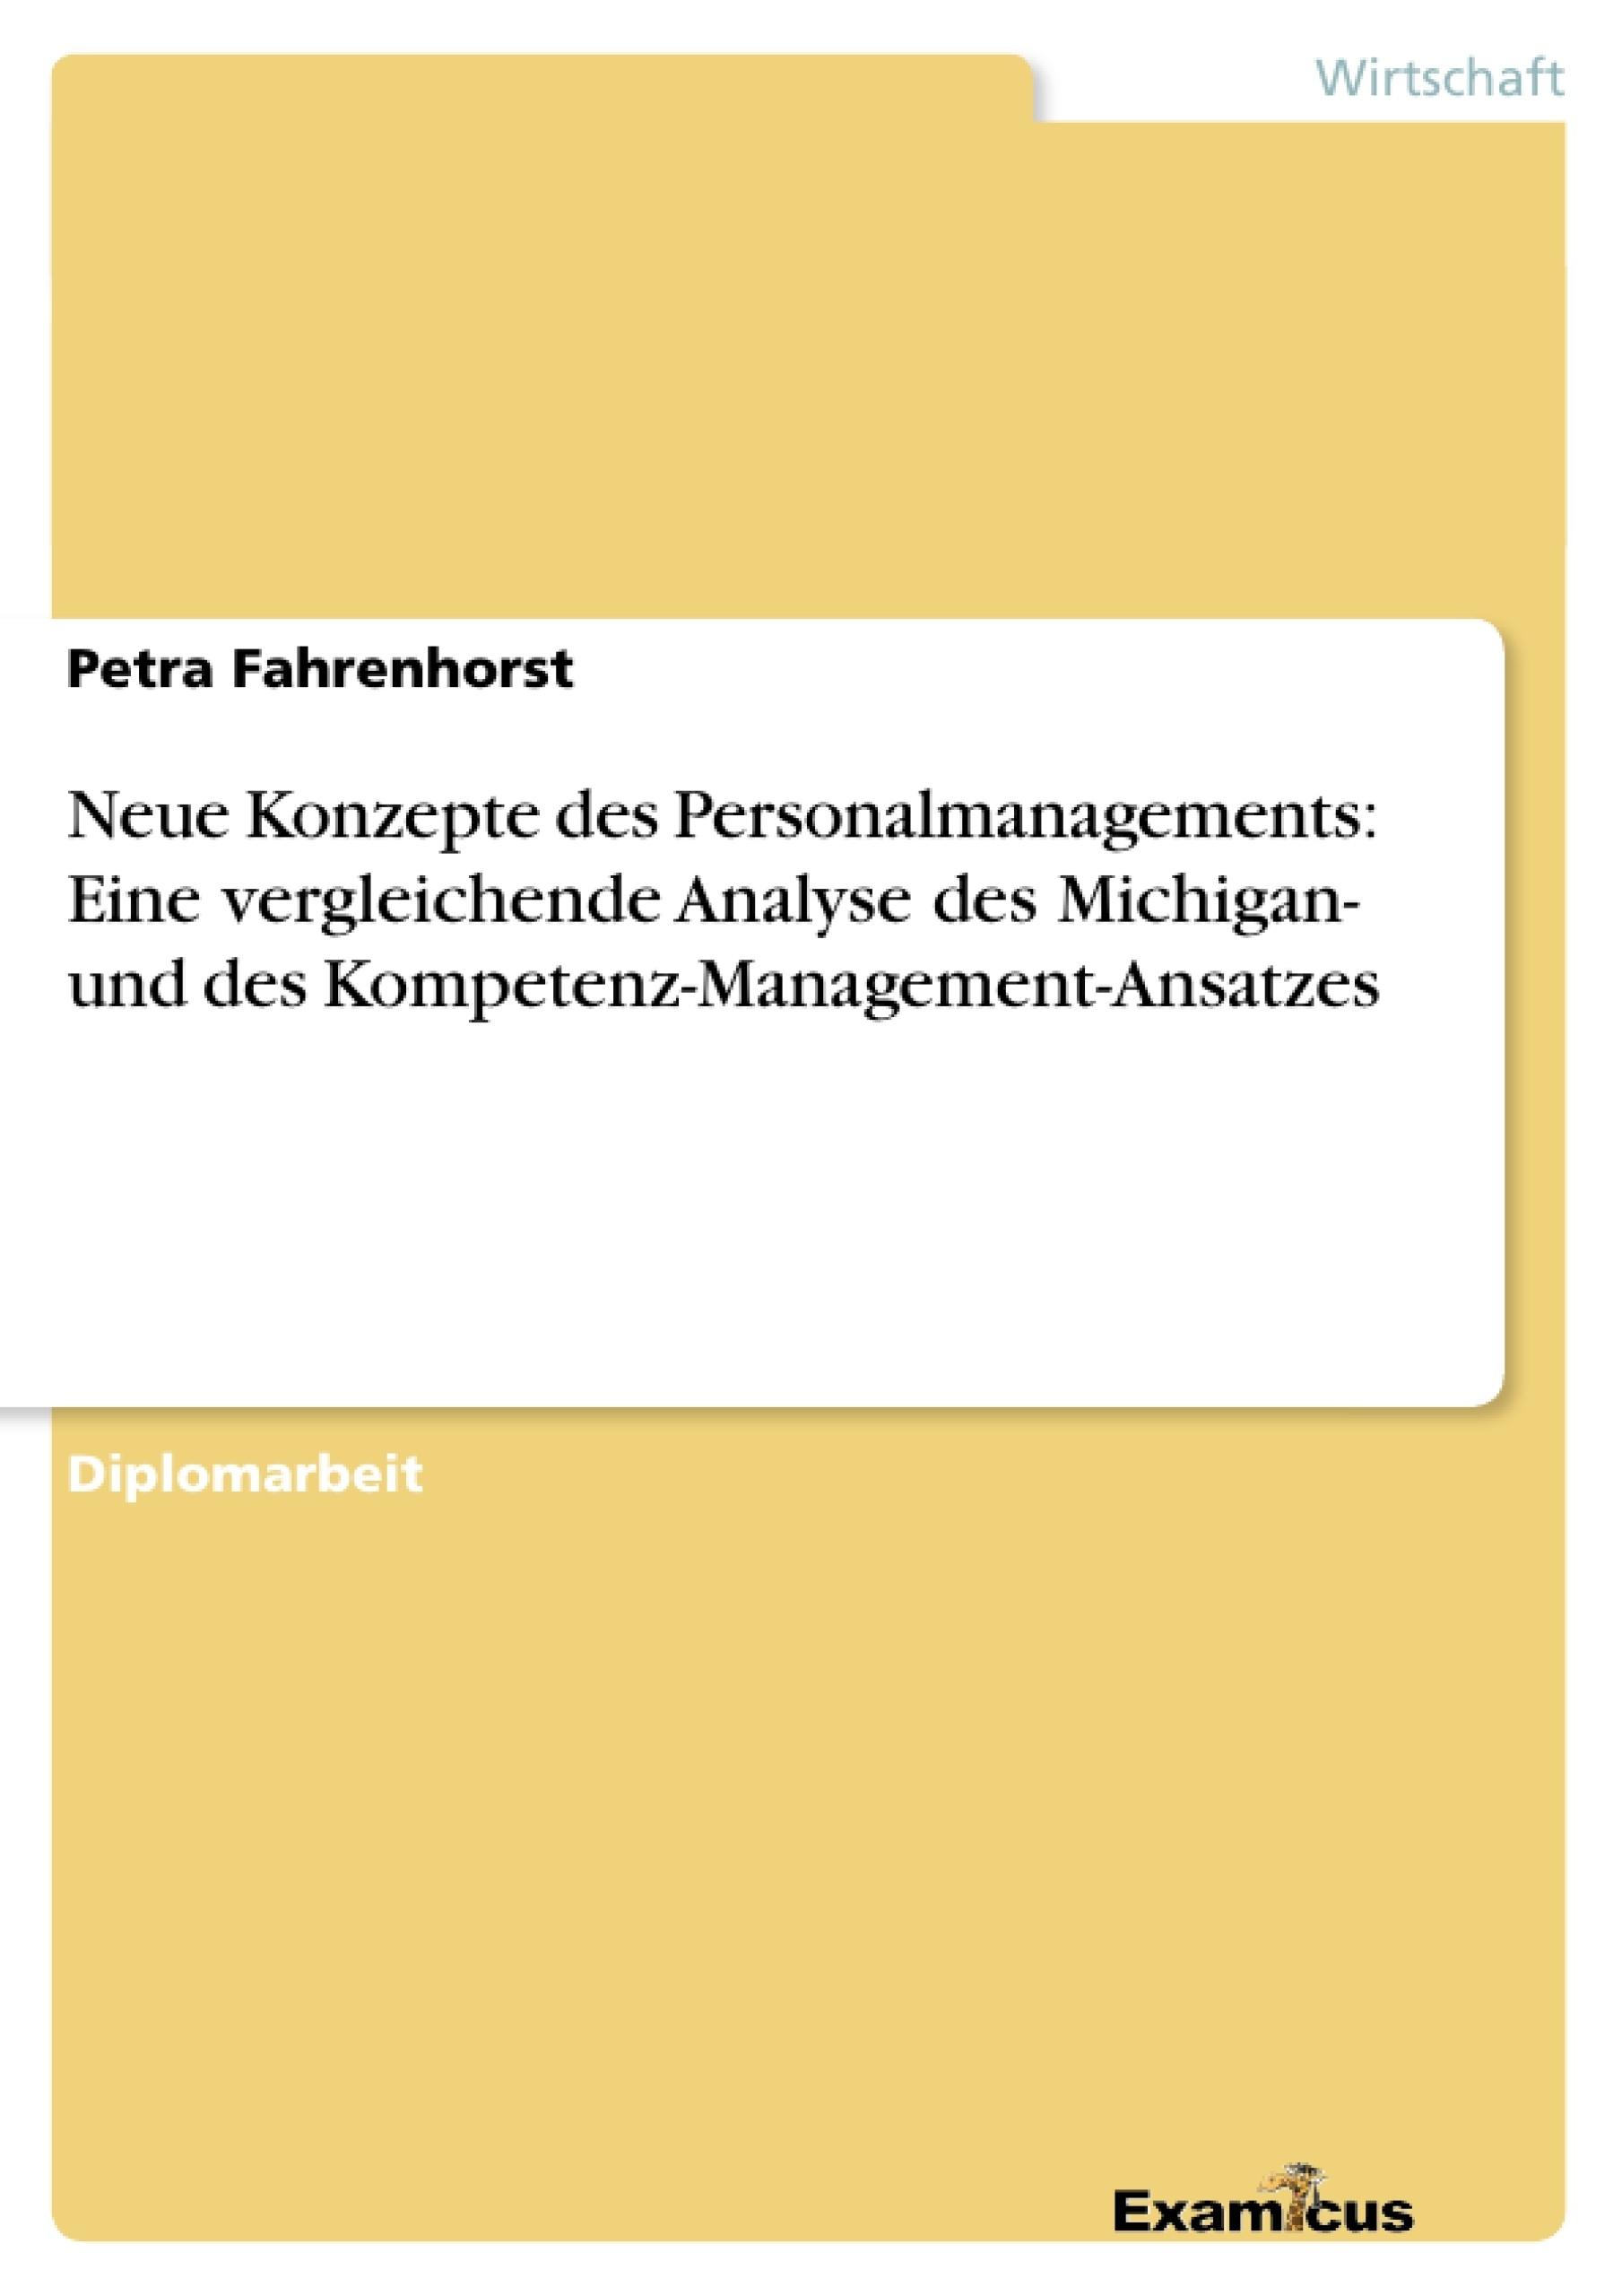 Titel: Neue Konzepte des Personalmanagements: Eine vergleichende Analyse des Michigan- und des Kompetenz-Management-Ansatzes